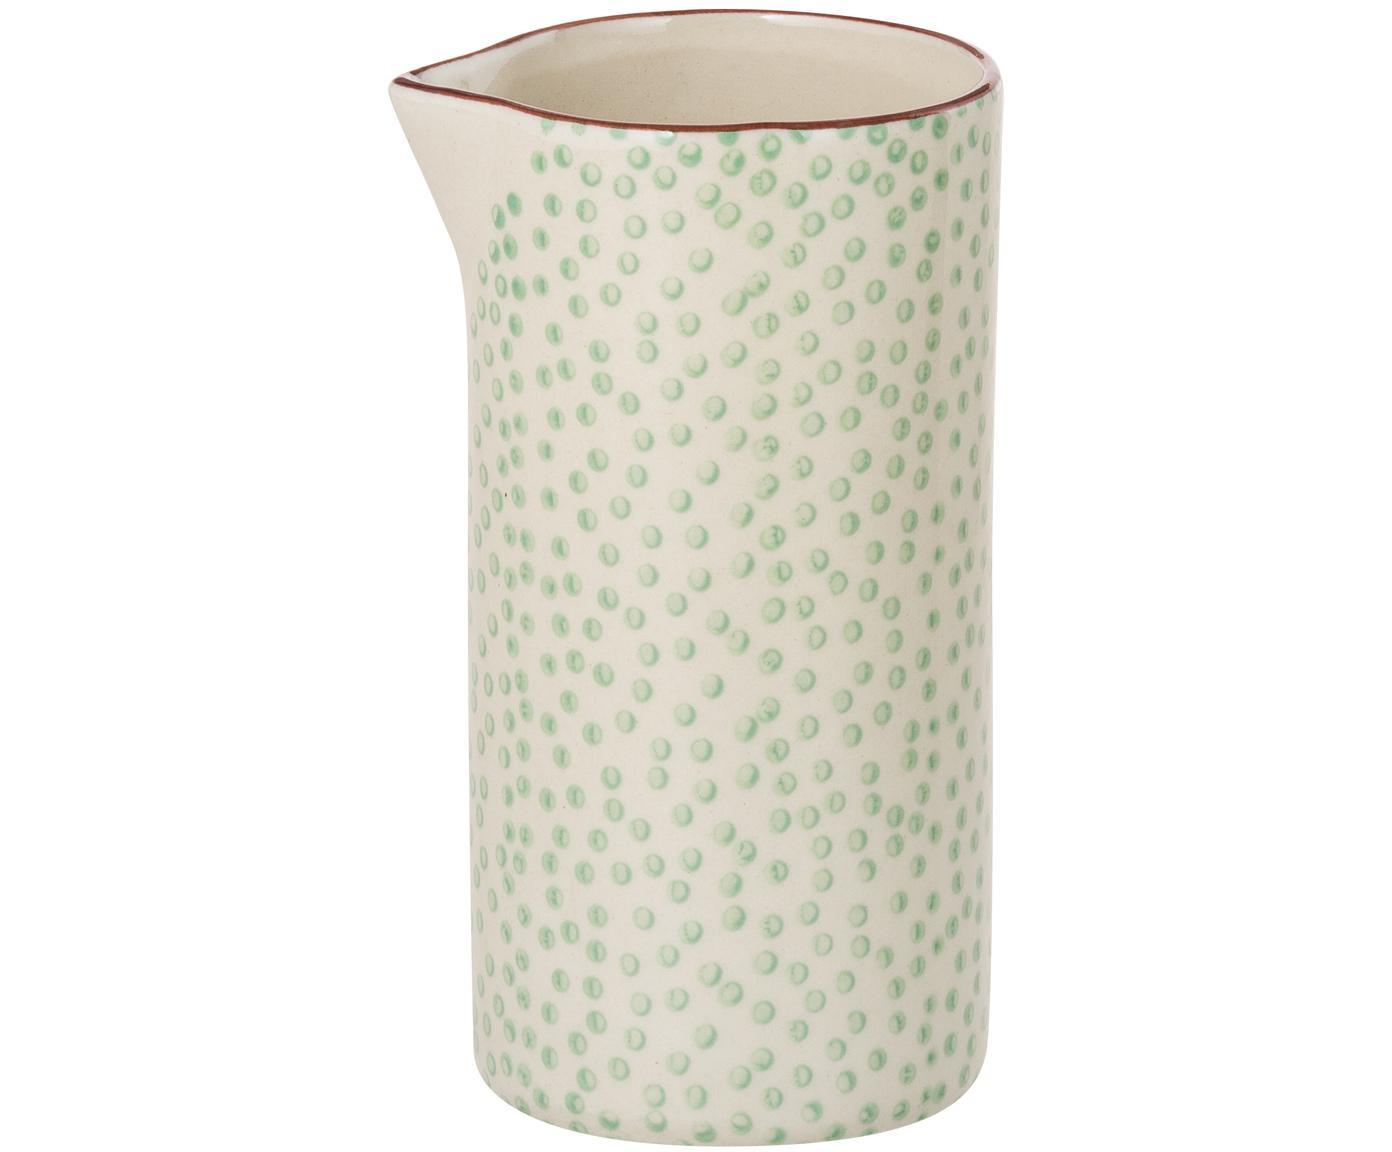 Handbemalte Milchkännchen Patrizia mit kleinem Muster, Steingut, Grün, Creme, Violett, Ø 6 x H 12 cm